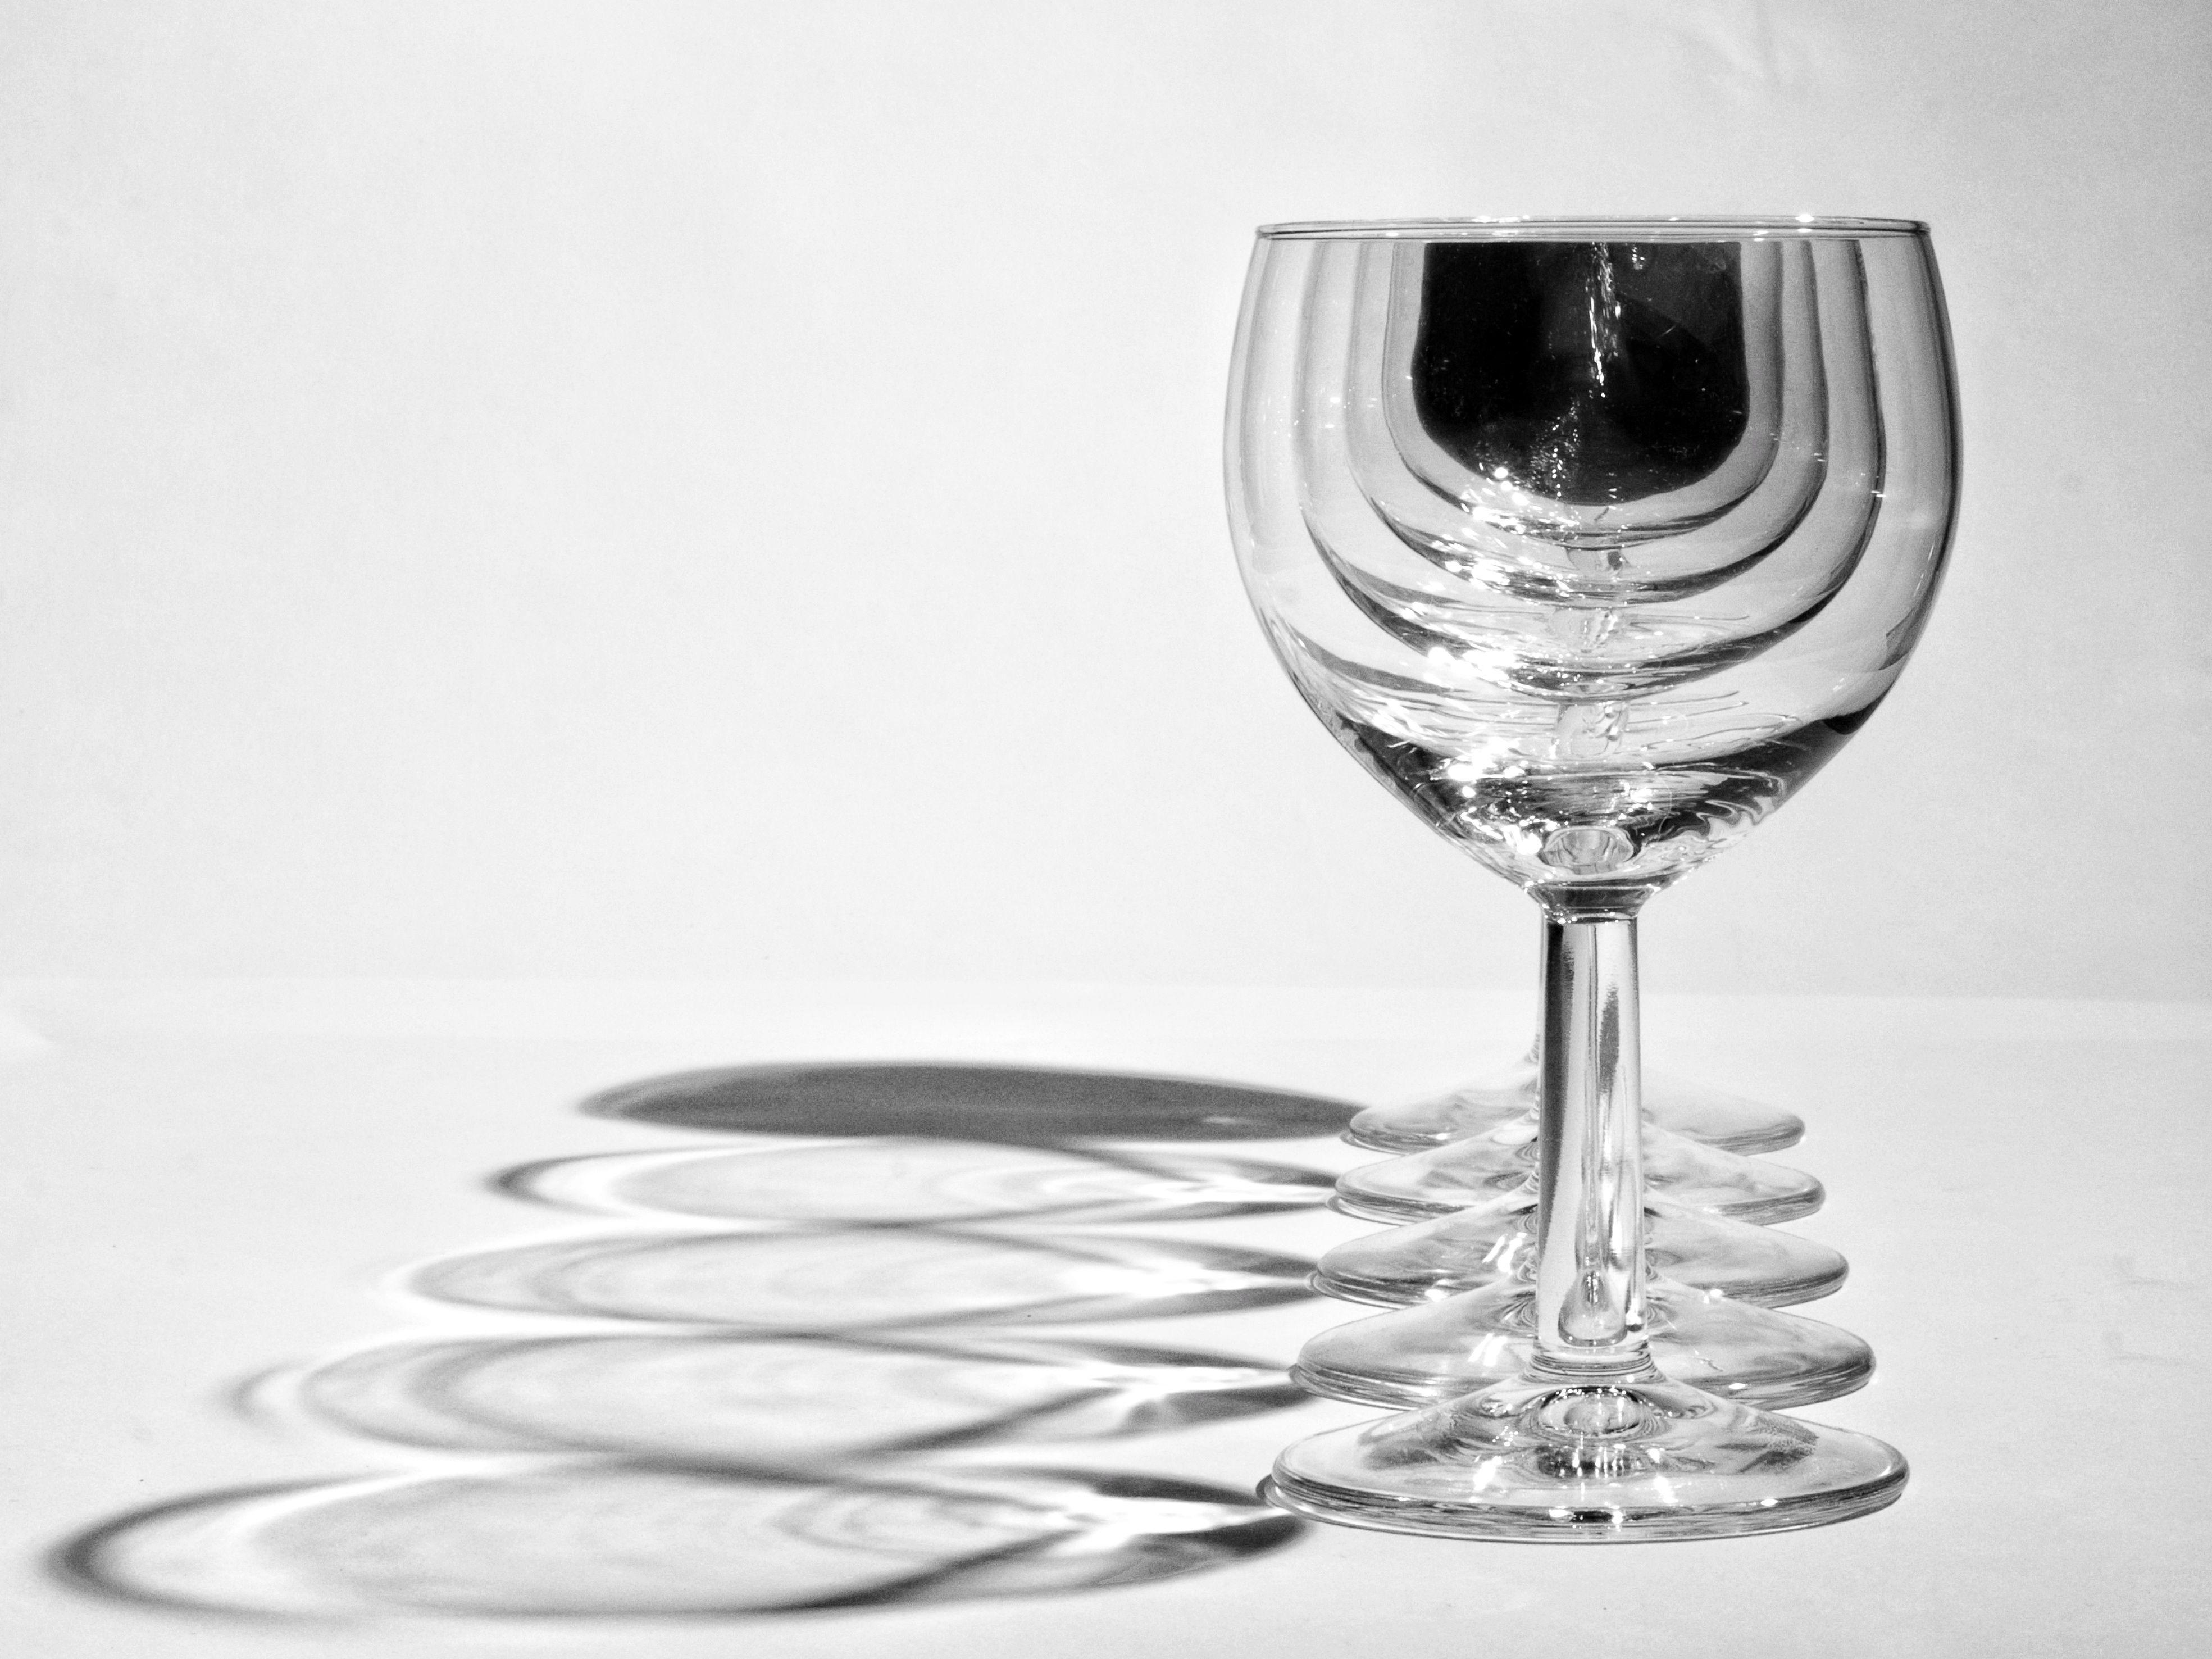 Epingle Par Thierry Galmiche Sur Vins Et Verres Verre Vins